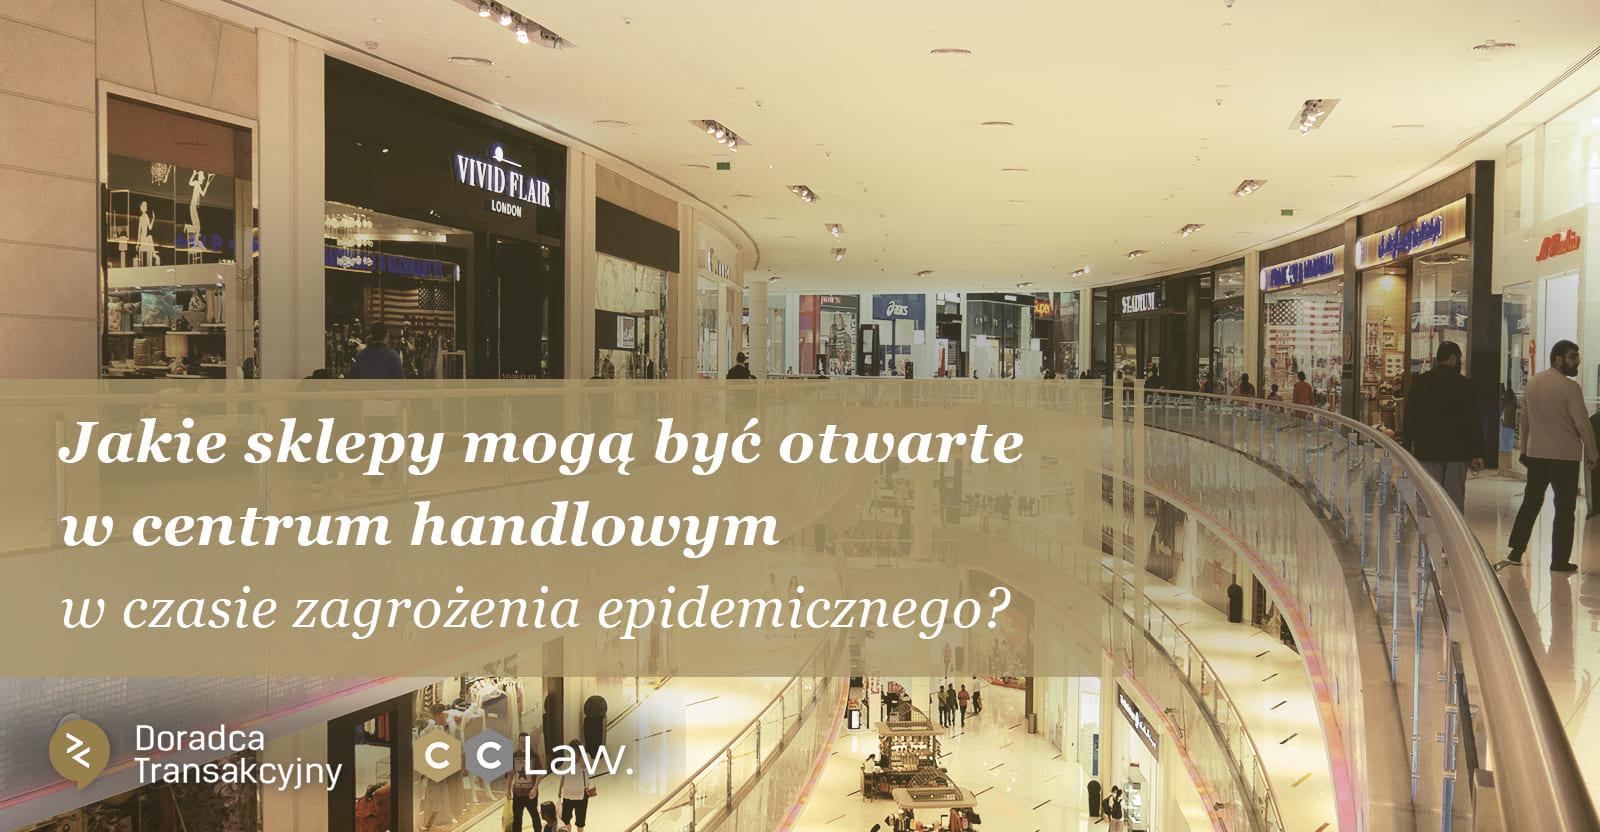 Jakie sklepy mogą być otwarte w centrum handlowym w czasie zagrożenia epidemicznego